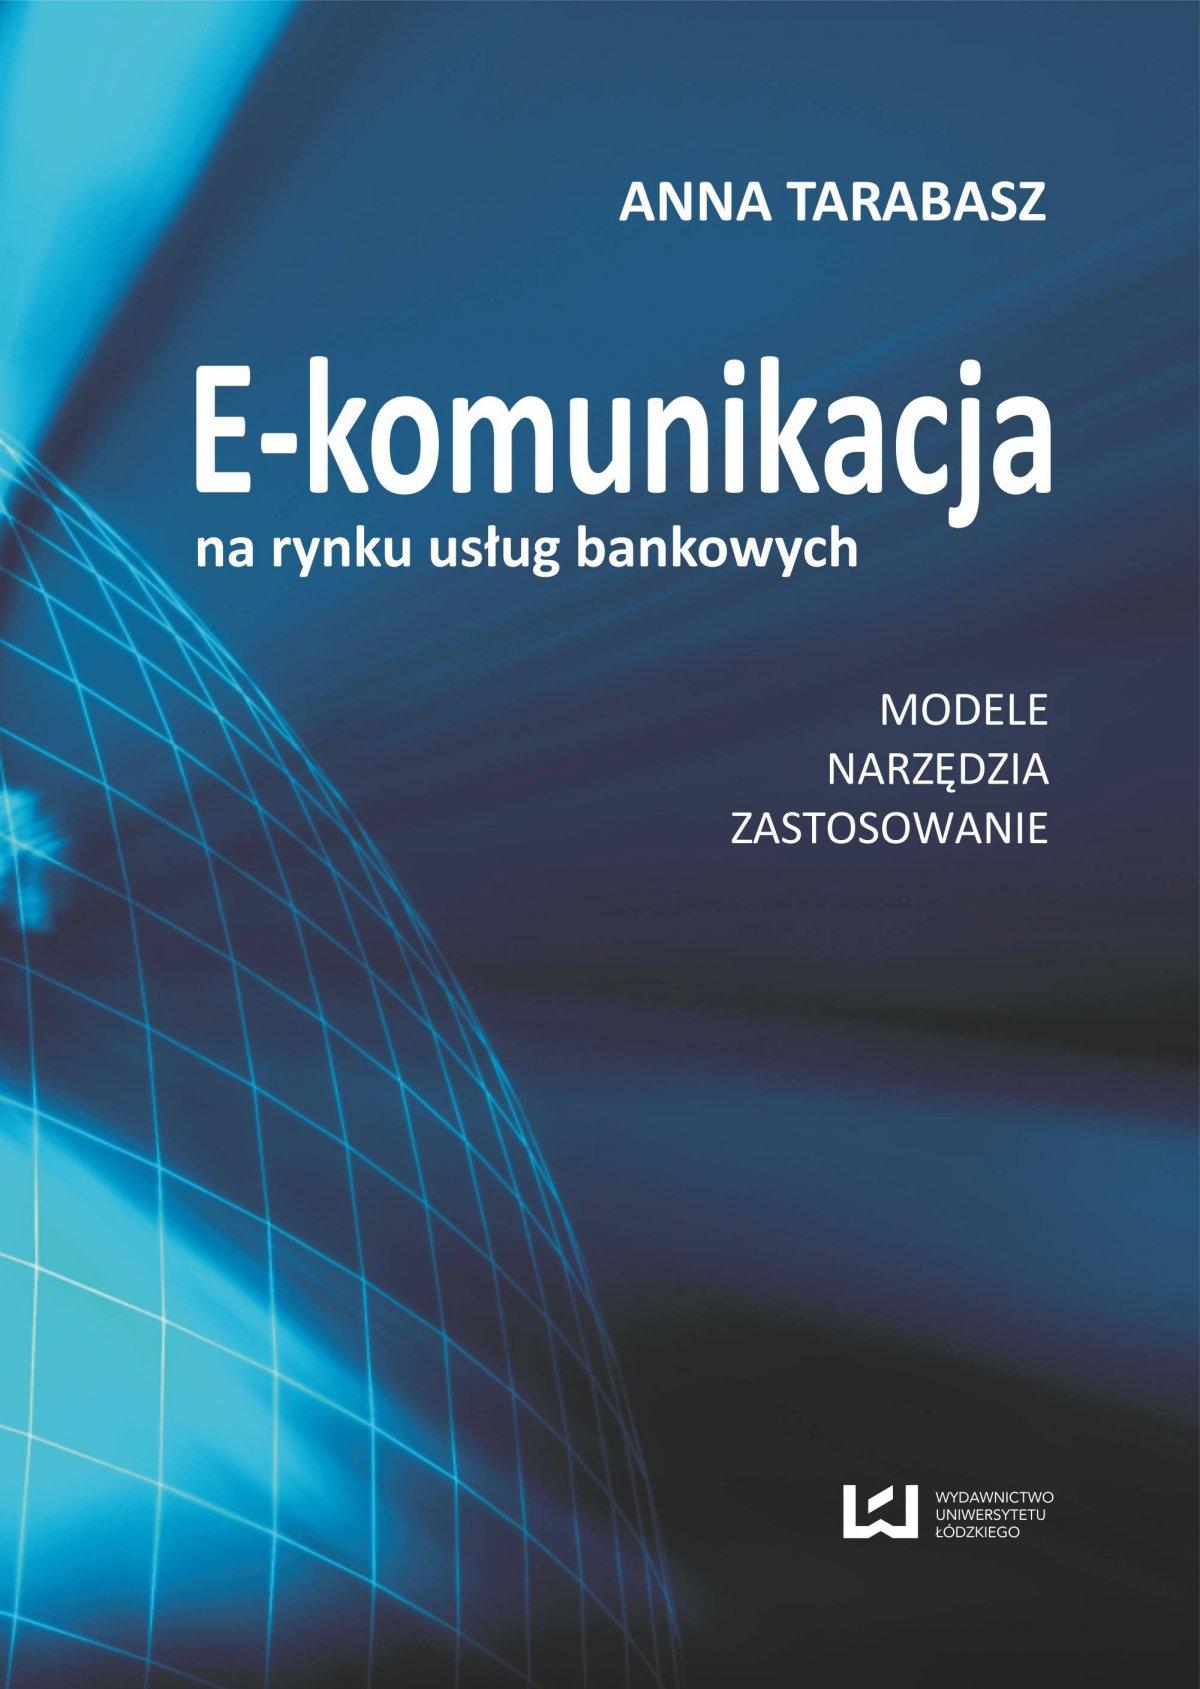 E-komunikacja na rynku usług bankowych. Modele, narzędzia, zastosowanie - Ebook (Książka PDF) do pobrania w formacie PDF